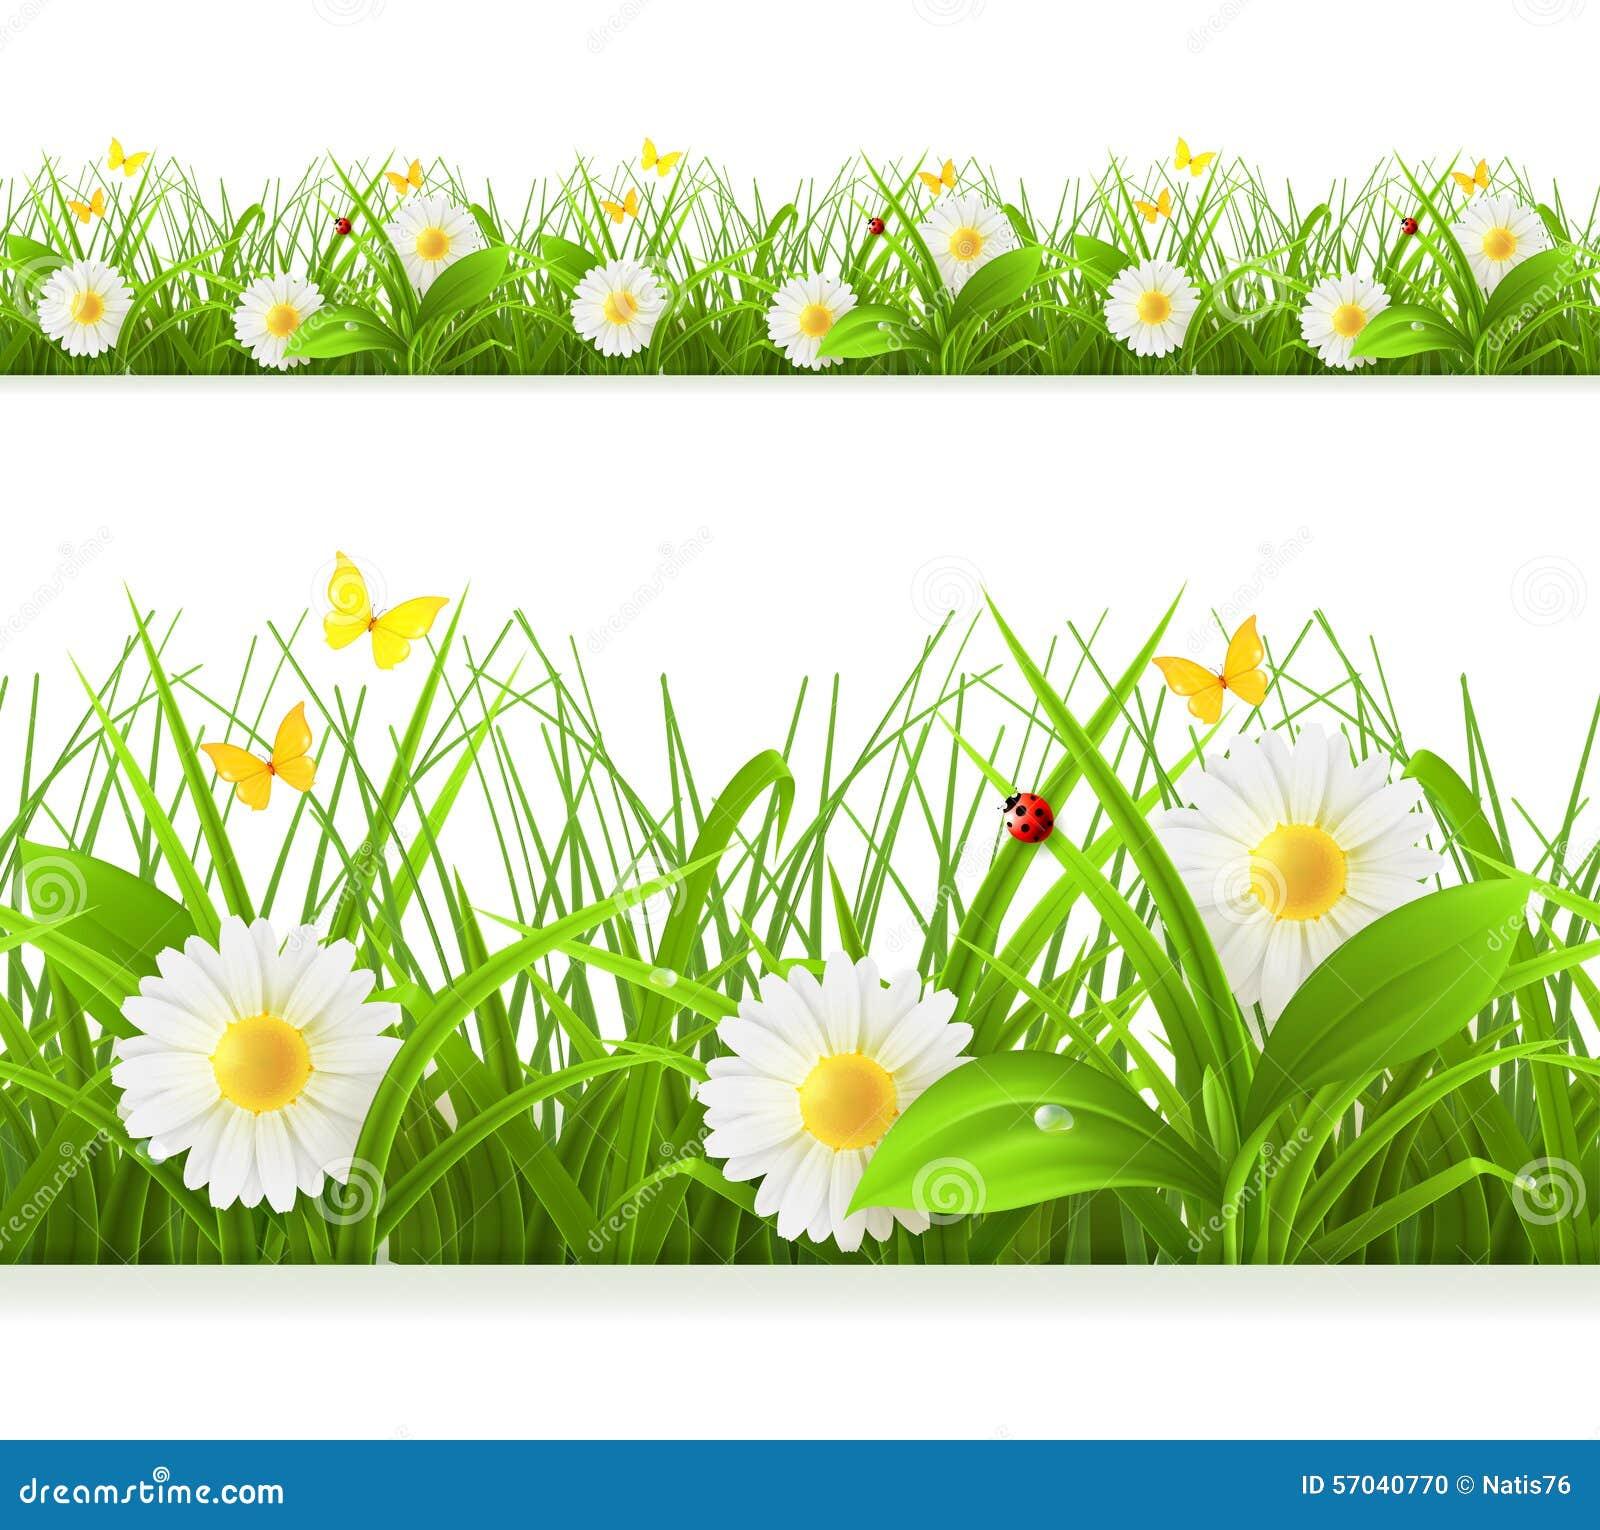 Nahtlose Grenze des grünen Grases des Frühlinges